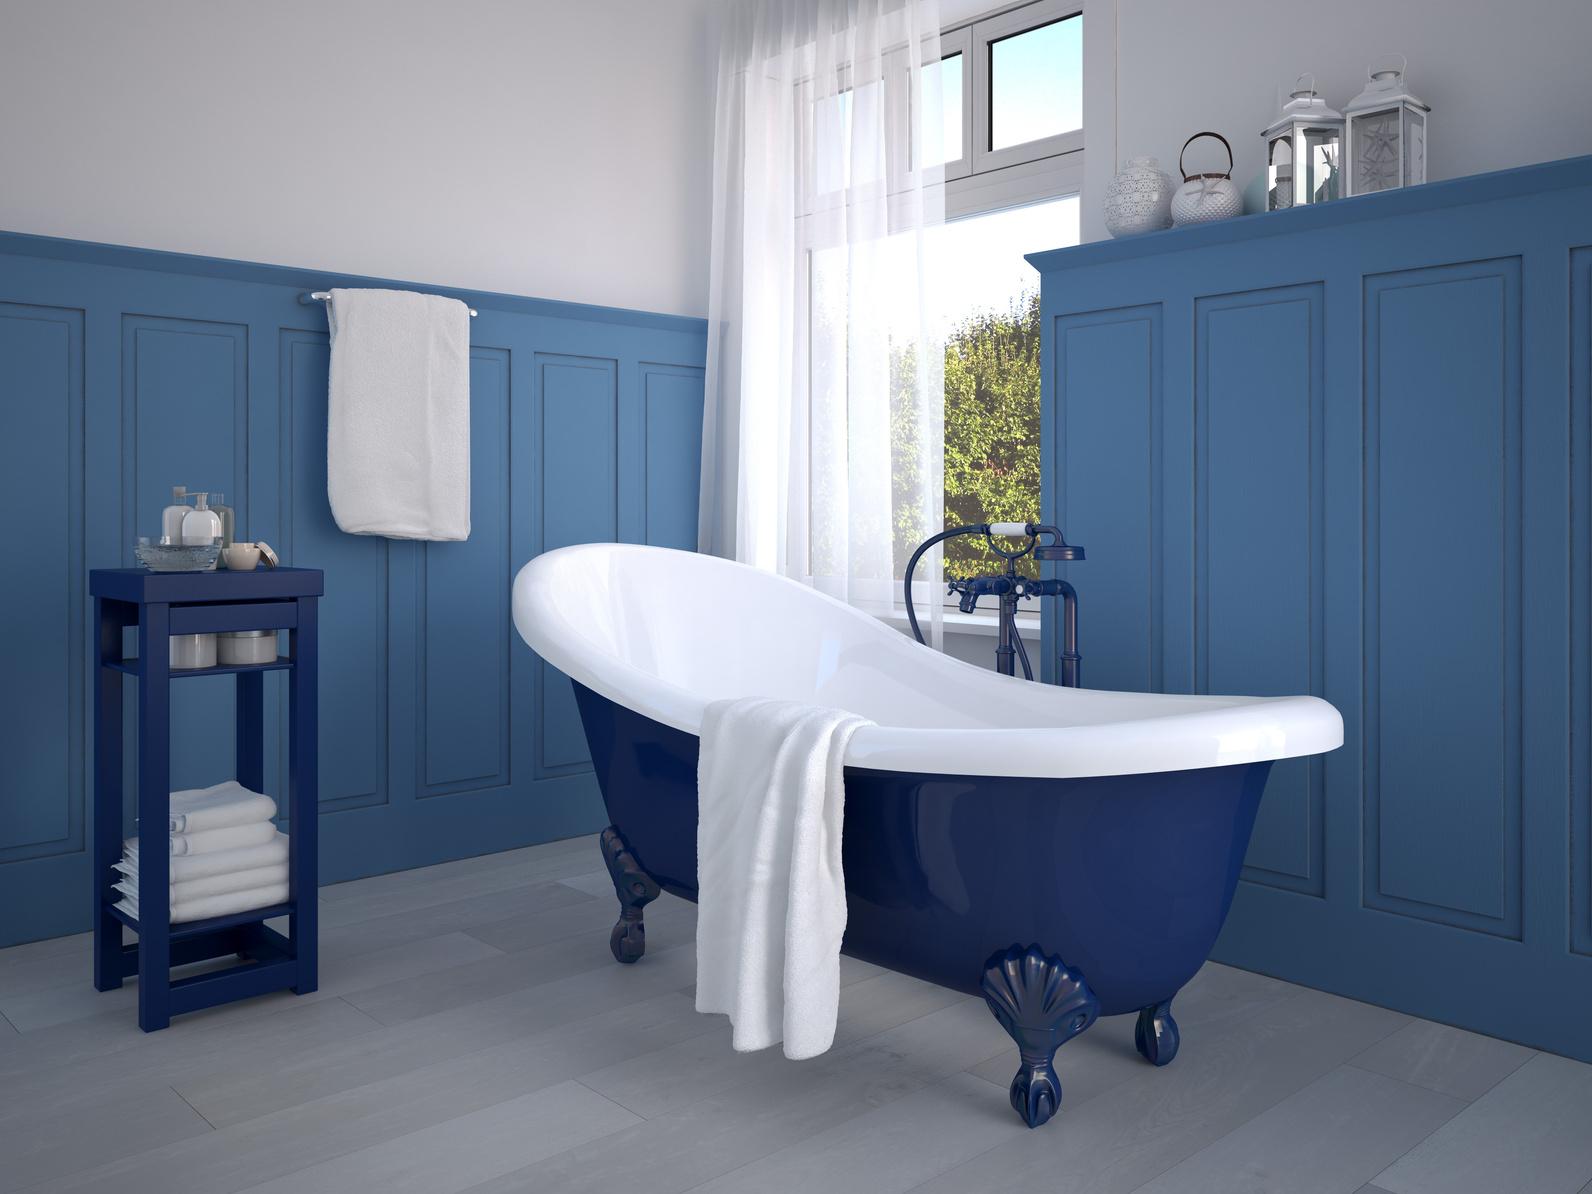 Peinture salle de bain couleur - Peindre une salle de bain ...